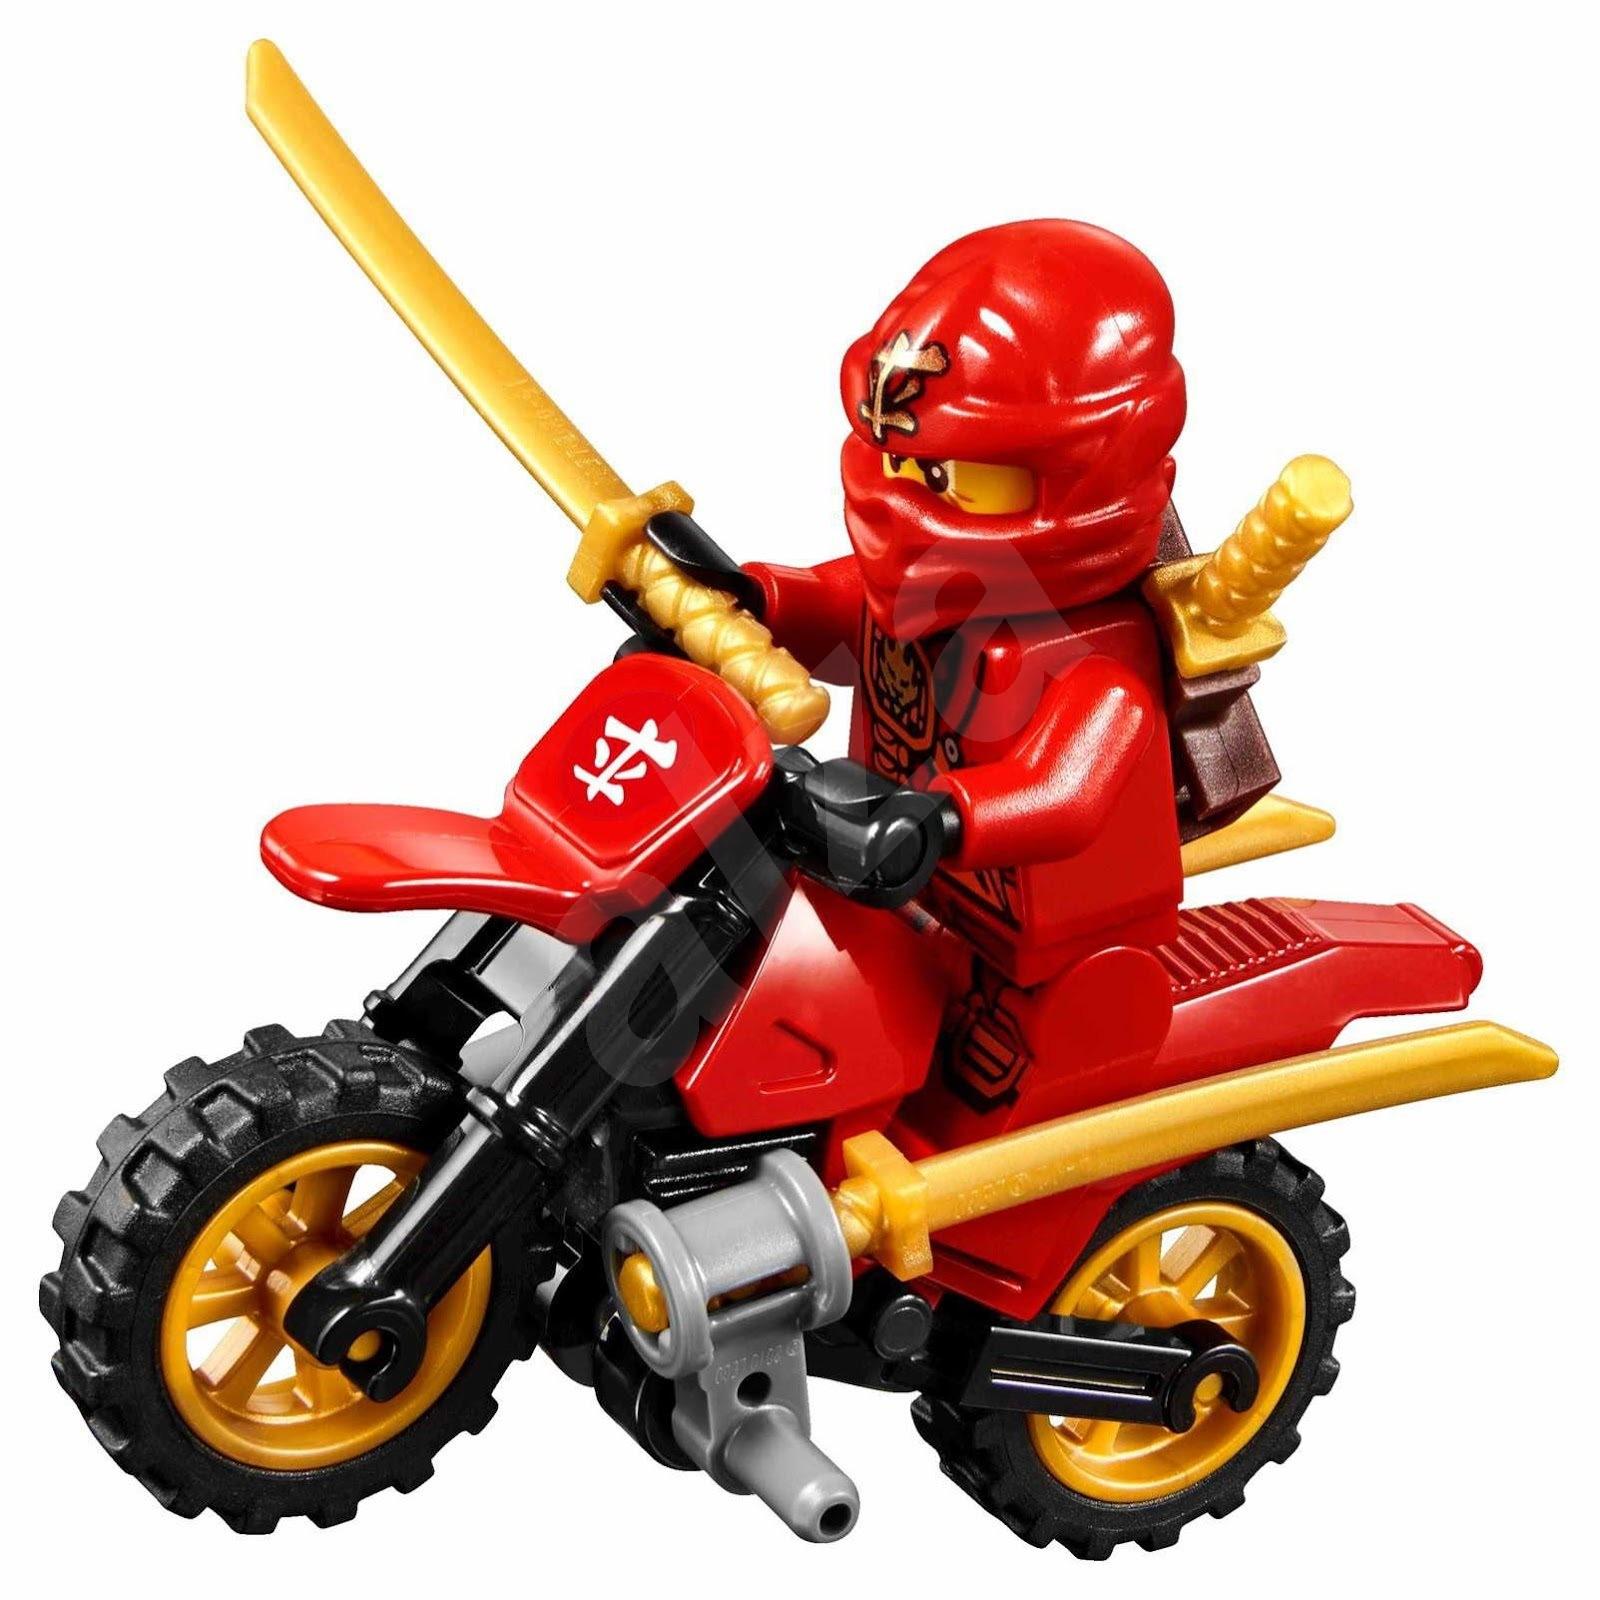 Lego ninjago ninja 70750 db x building kit - Lego ninjago ninja ...